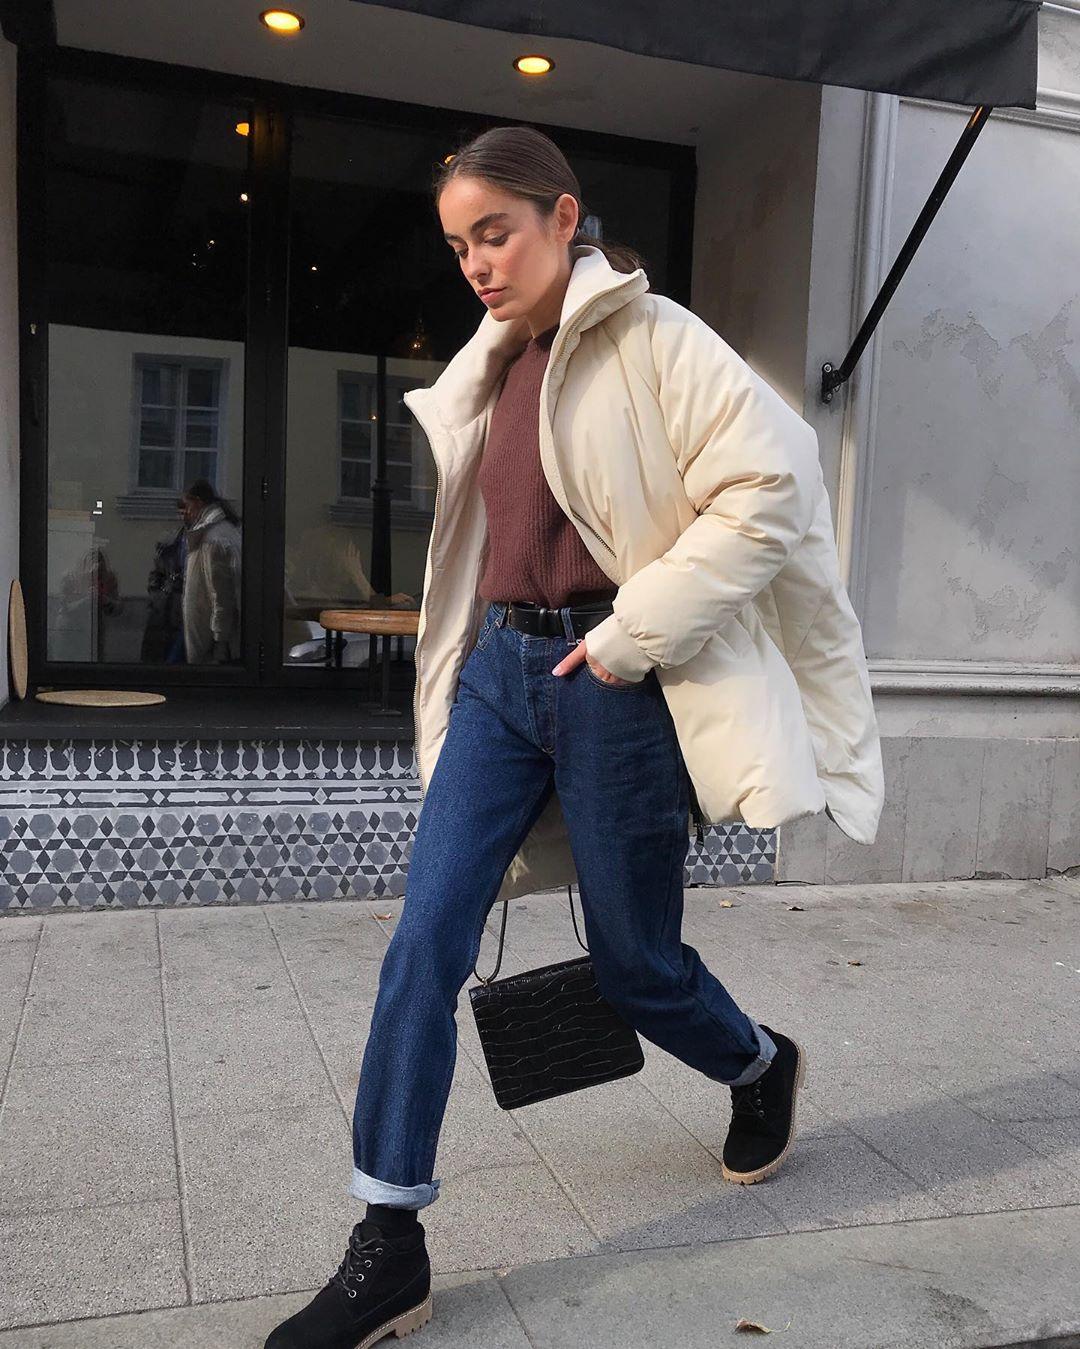 с чем носить джинсы зимой фото 2